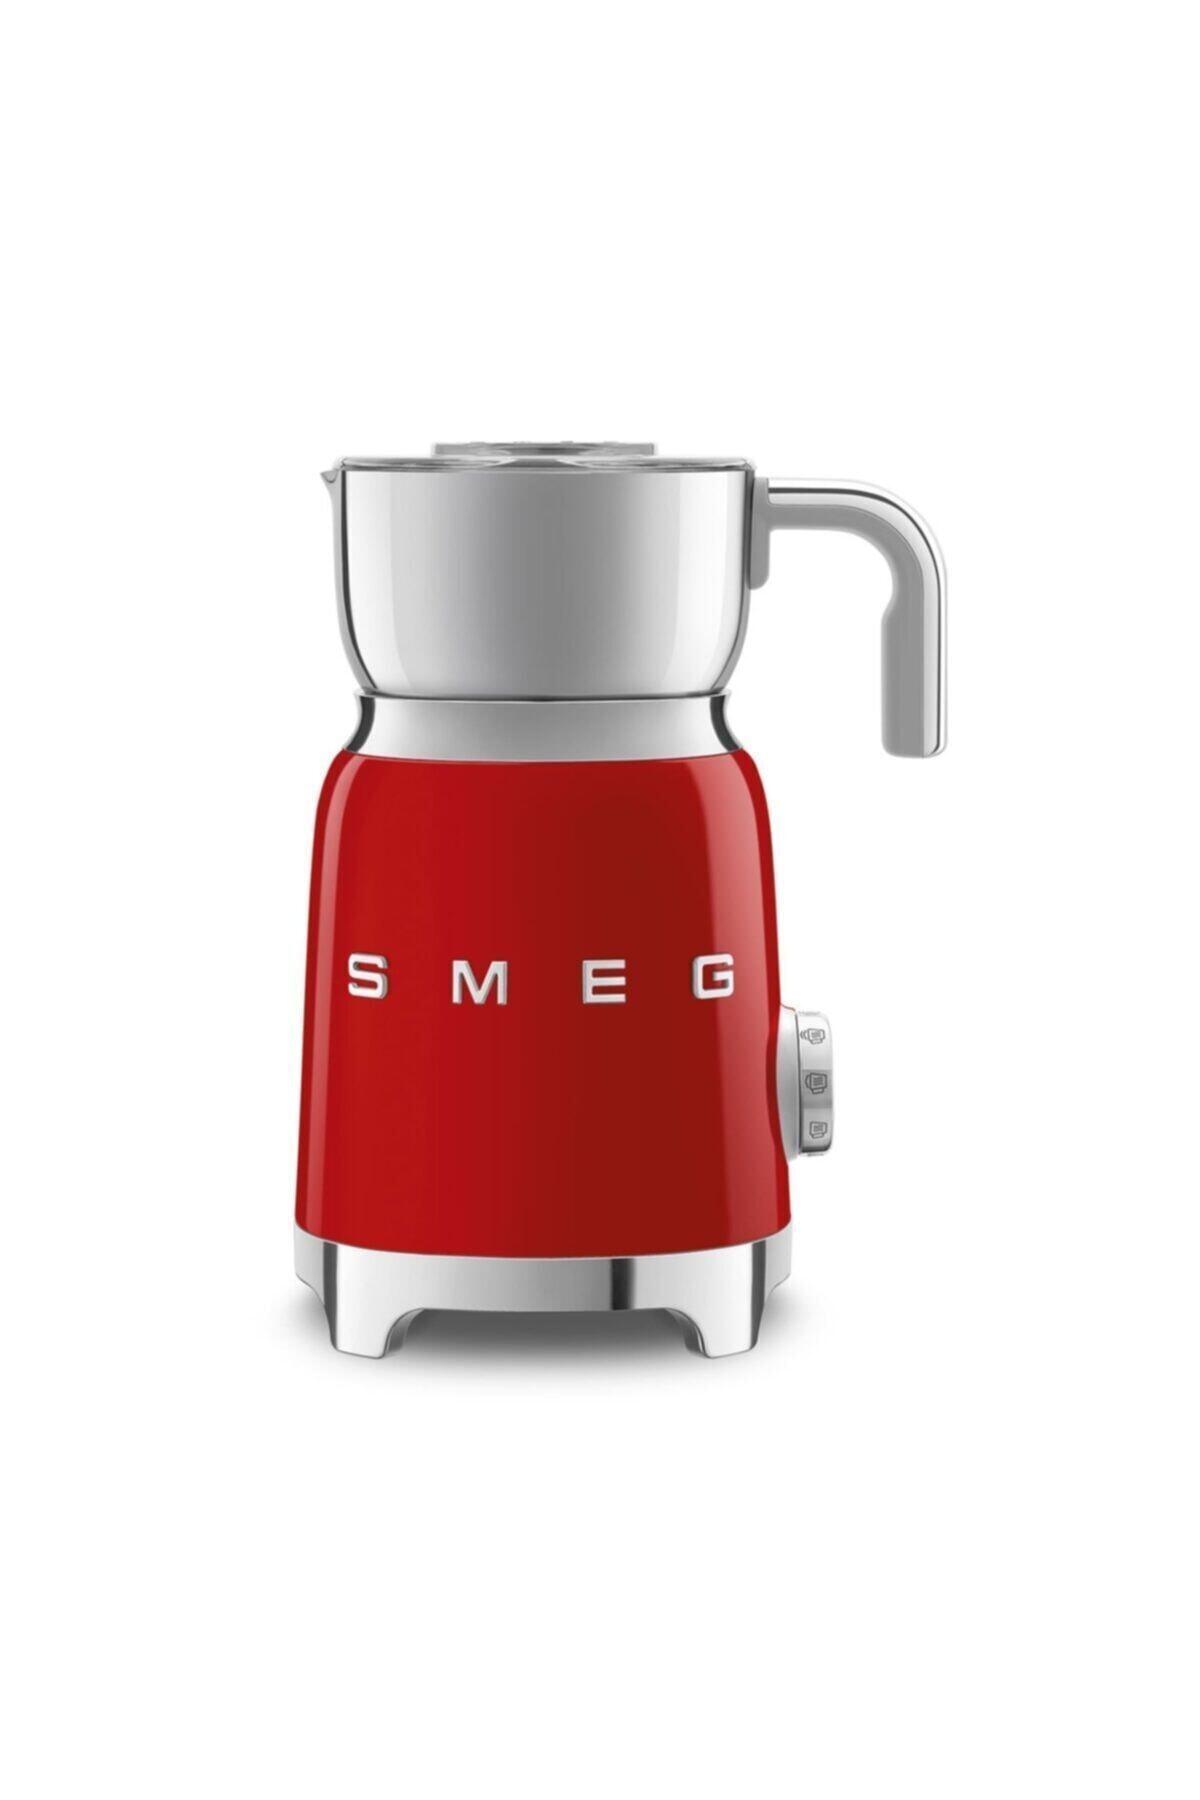 SMEG Mff01rdeu Süt Köpürtme Makinesi Kırmızı 1